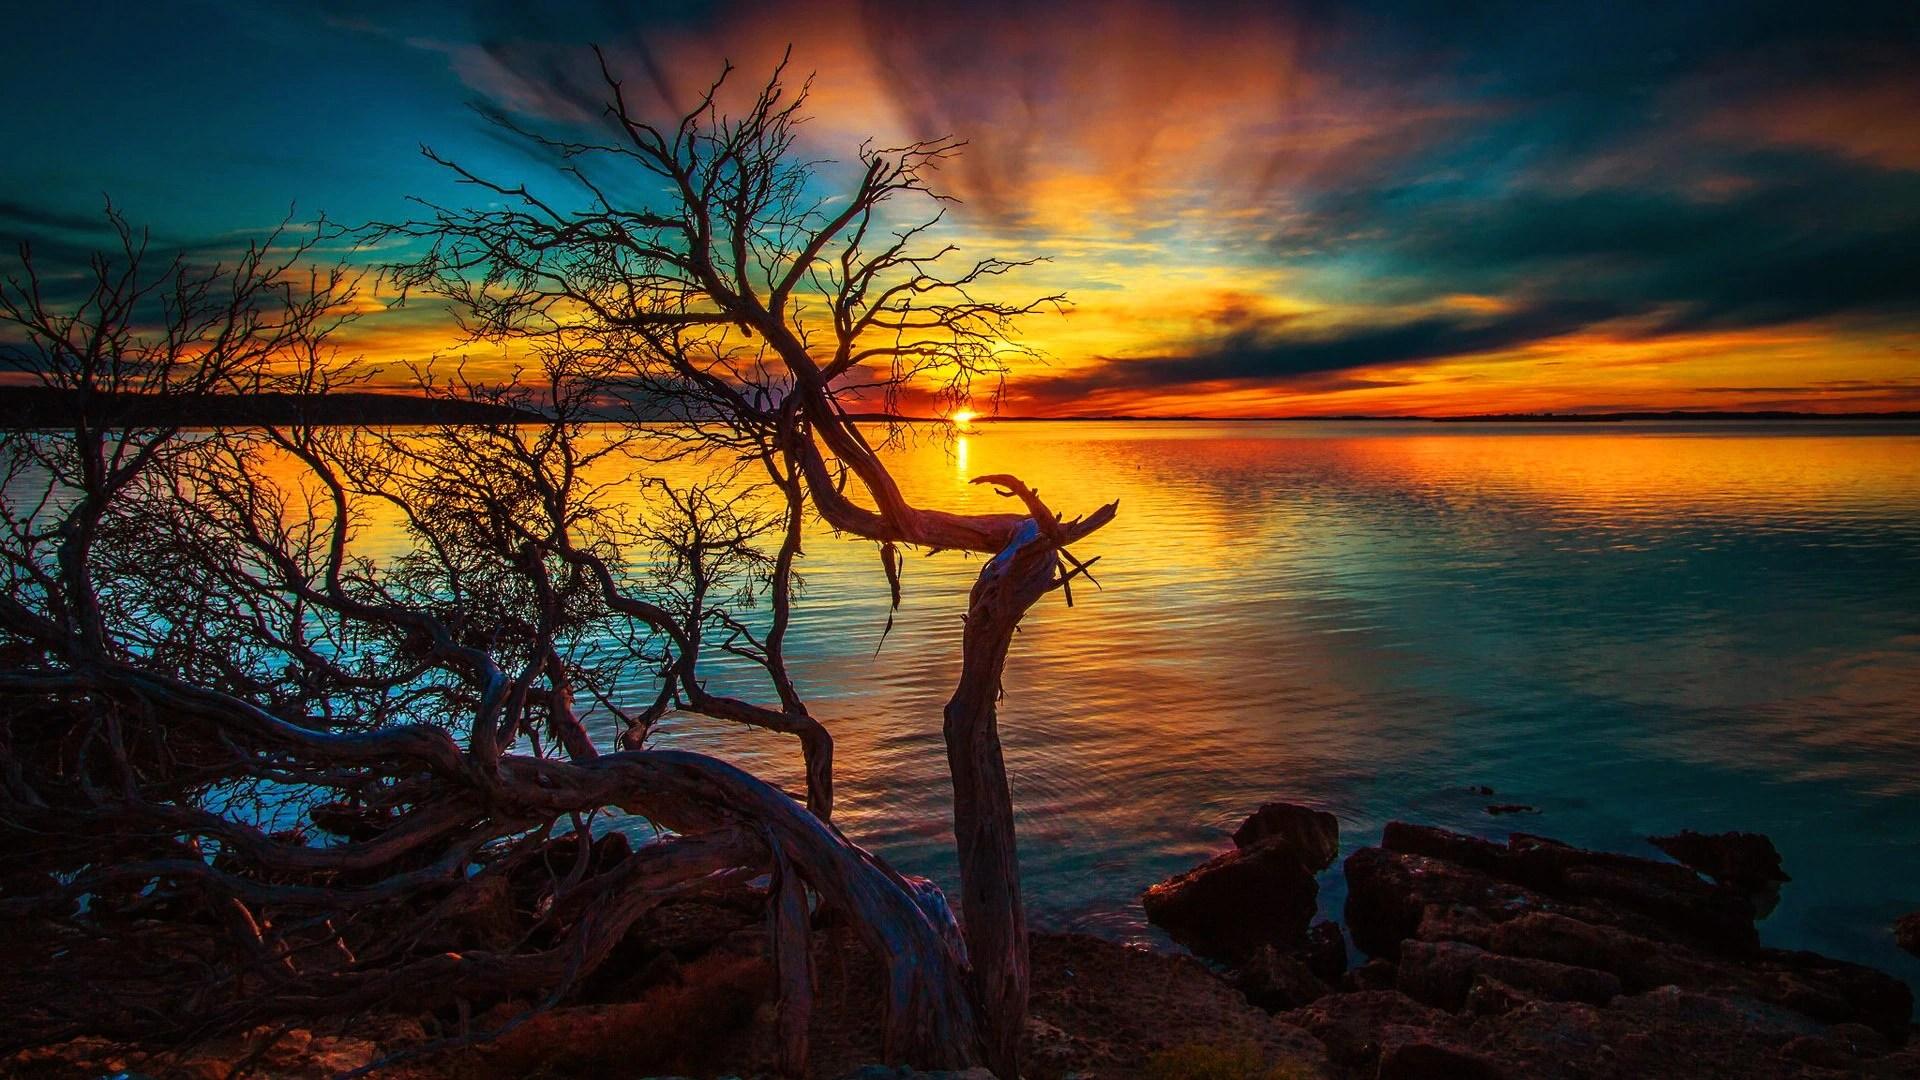 nature evening sunset wallpaper